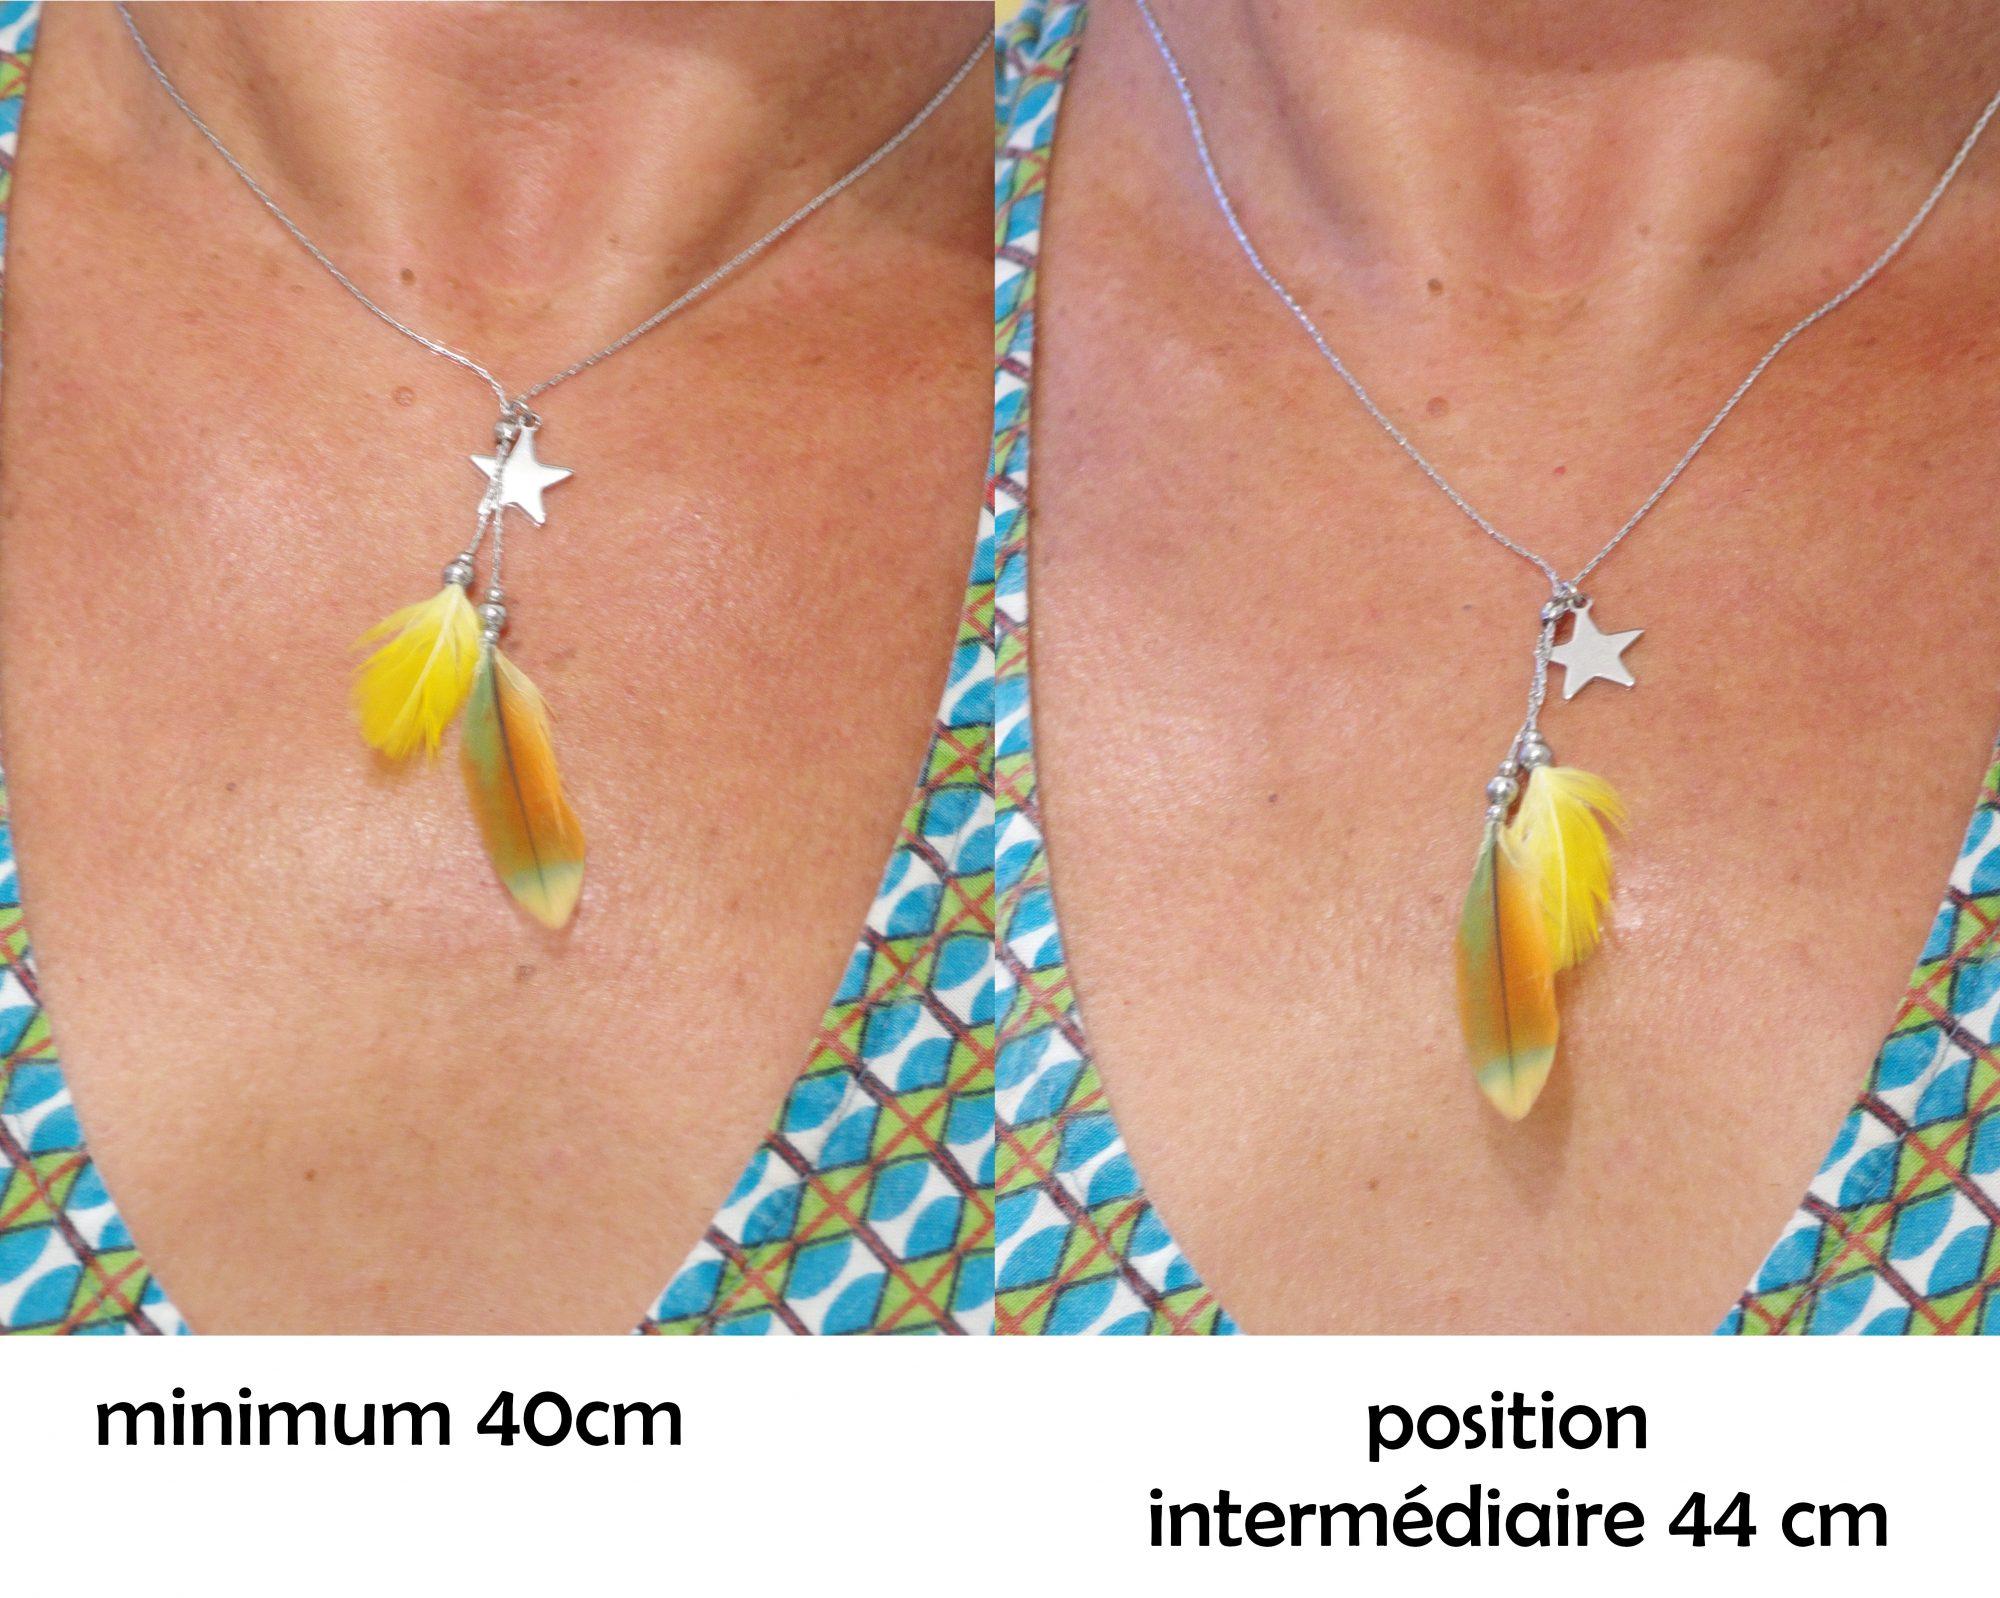 le collier Starlette est vu porté de deux façons : au plus court (40 cm)et en position intermédiaire (44cm)